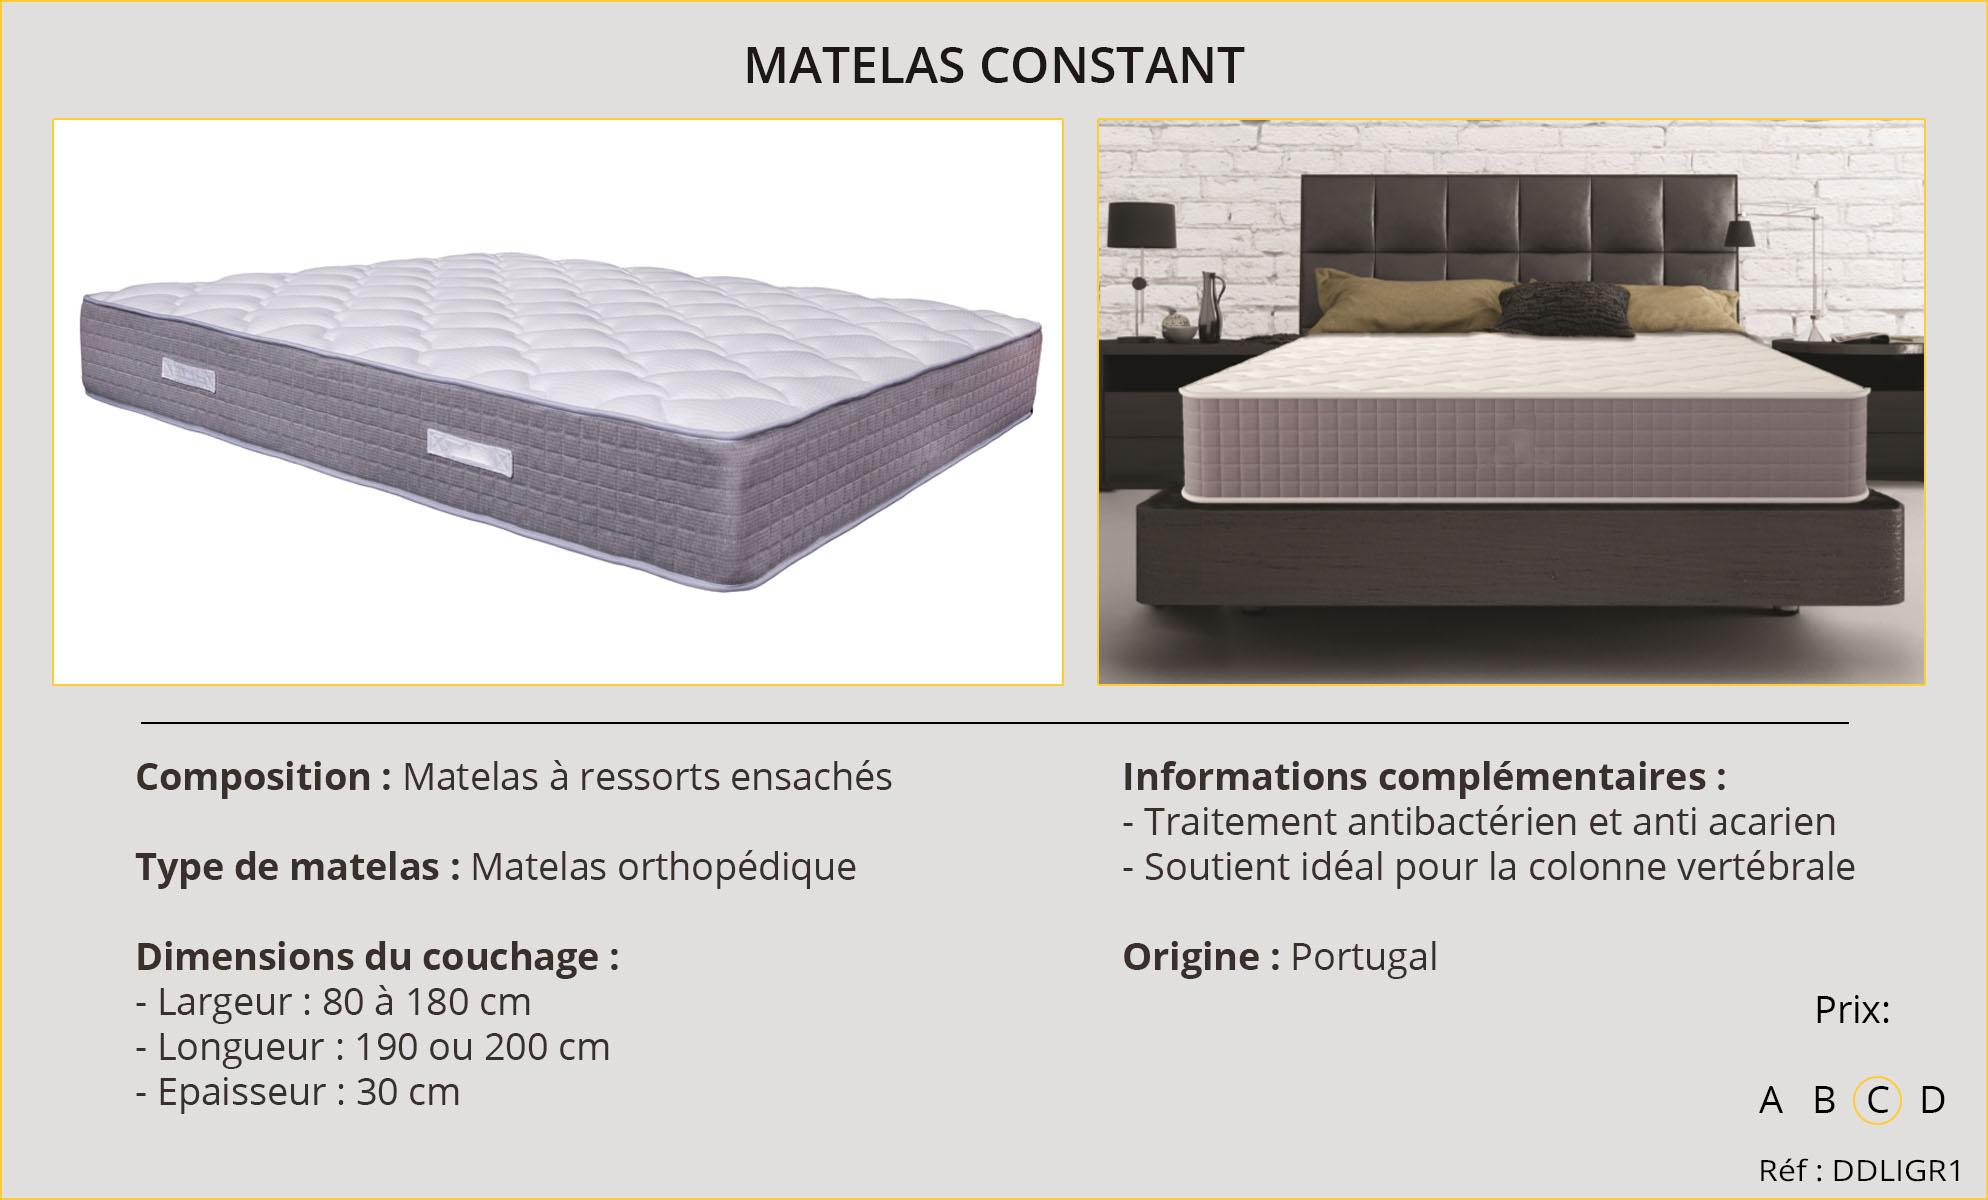 Rideaux-Hôtels Matelas Constant